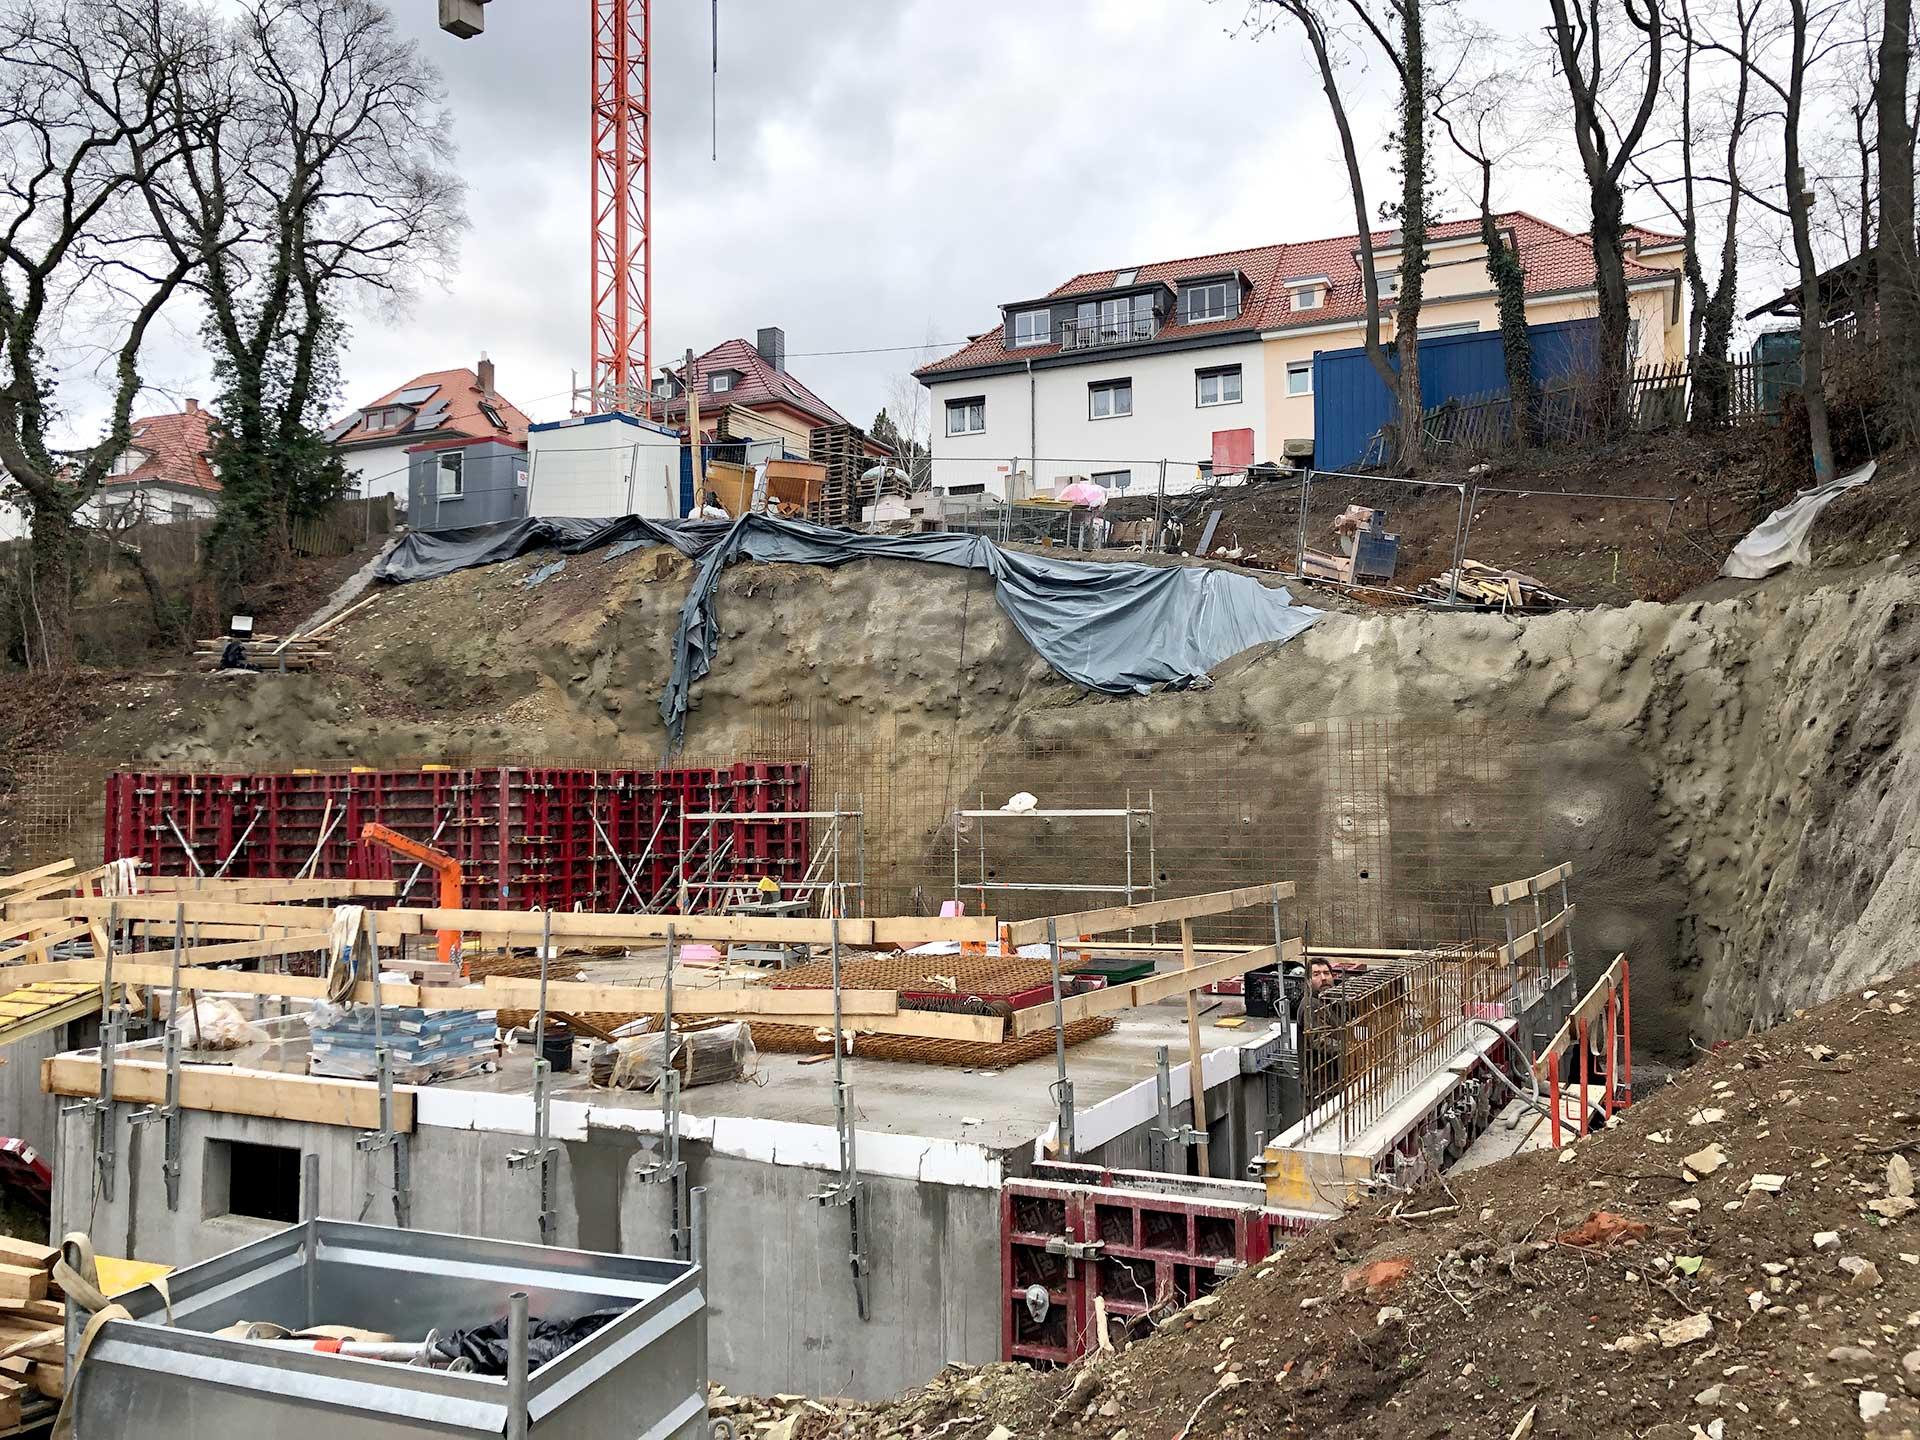 Baufortschritt bei einem unserer aufregendsten Mehrfamilienhäuser